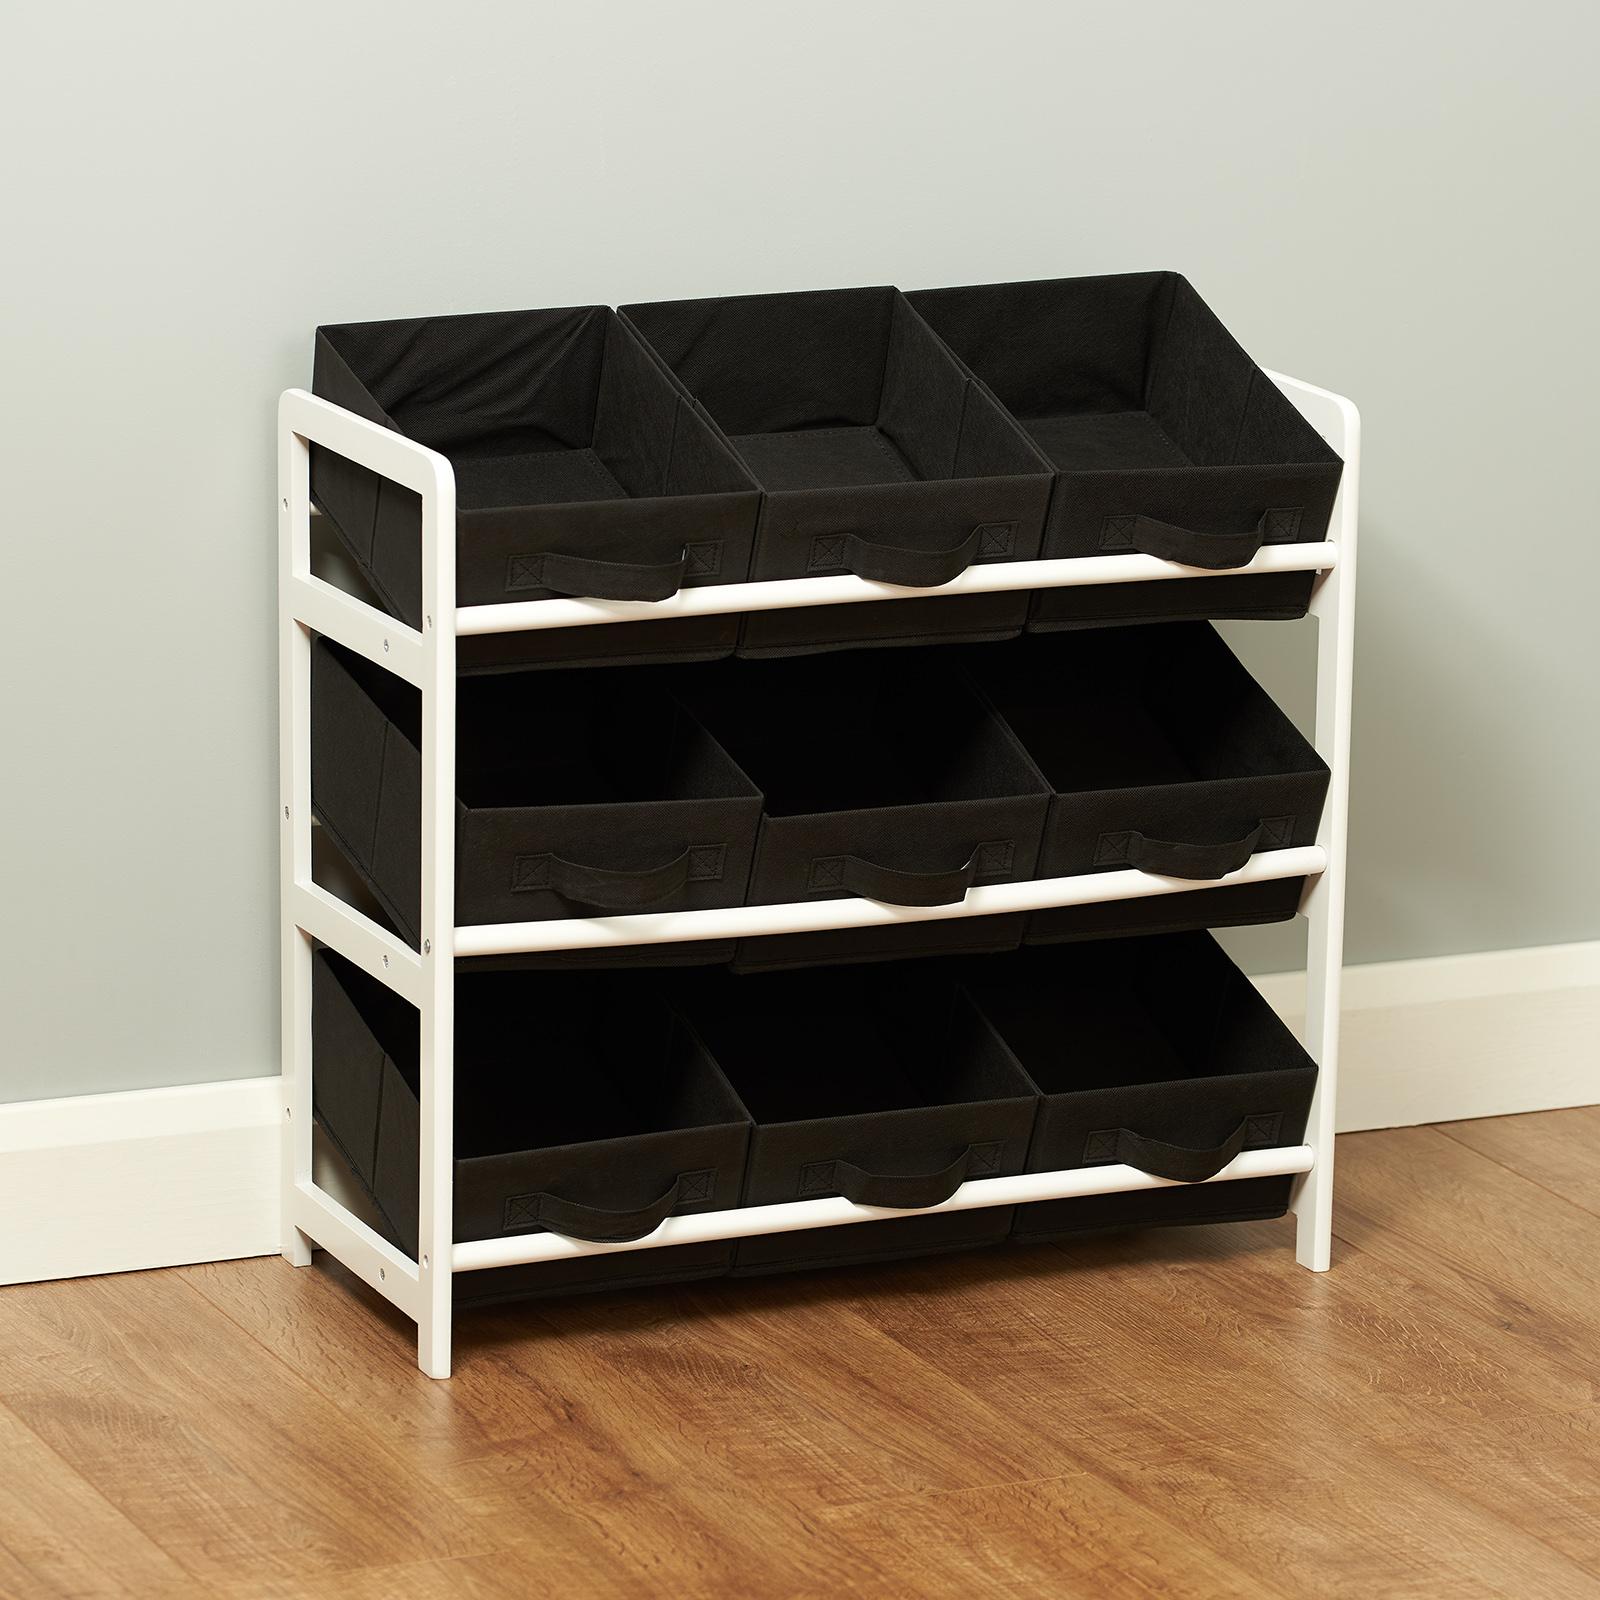 Childrens Kids 3 Tier Toy Bedroom Storage Shelf Unit 8: Hartleys 3 Tier Storage Shelf Unit Kids Childrens Bedroom